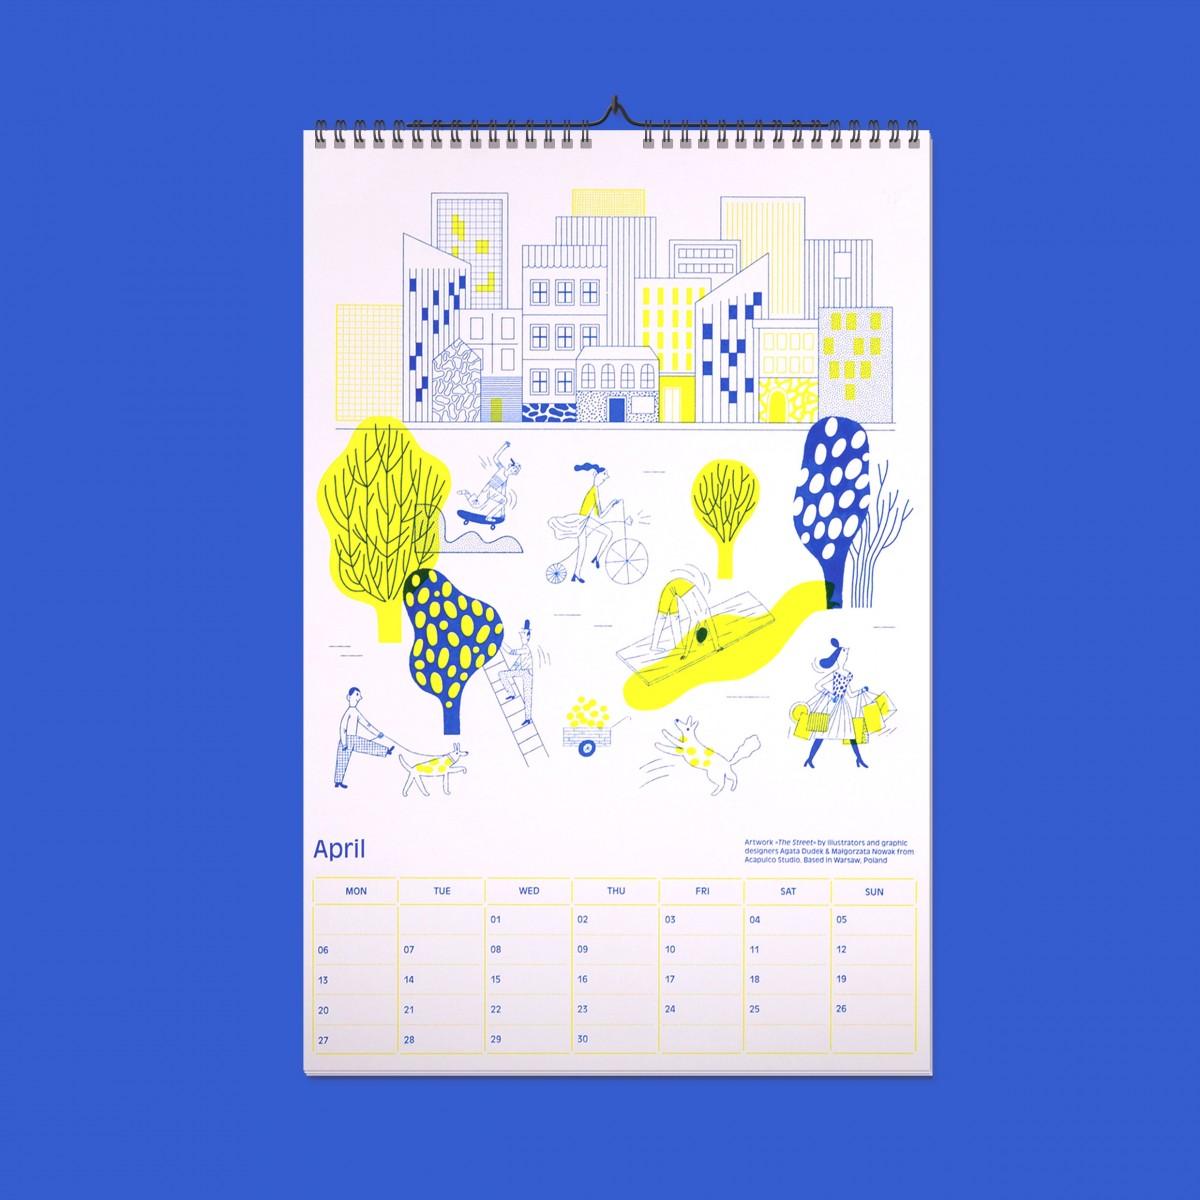 EVERYDAY ORNAMENTS Design Monats Kalender 2020/ 13 Kunstdrucke von internationalen Künstlern/ DIN A3 in leuchtenden Farben im Siebdruck-Stil